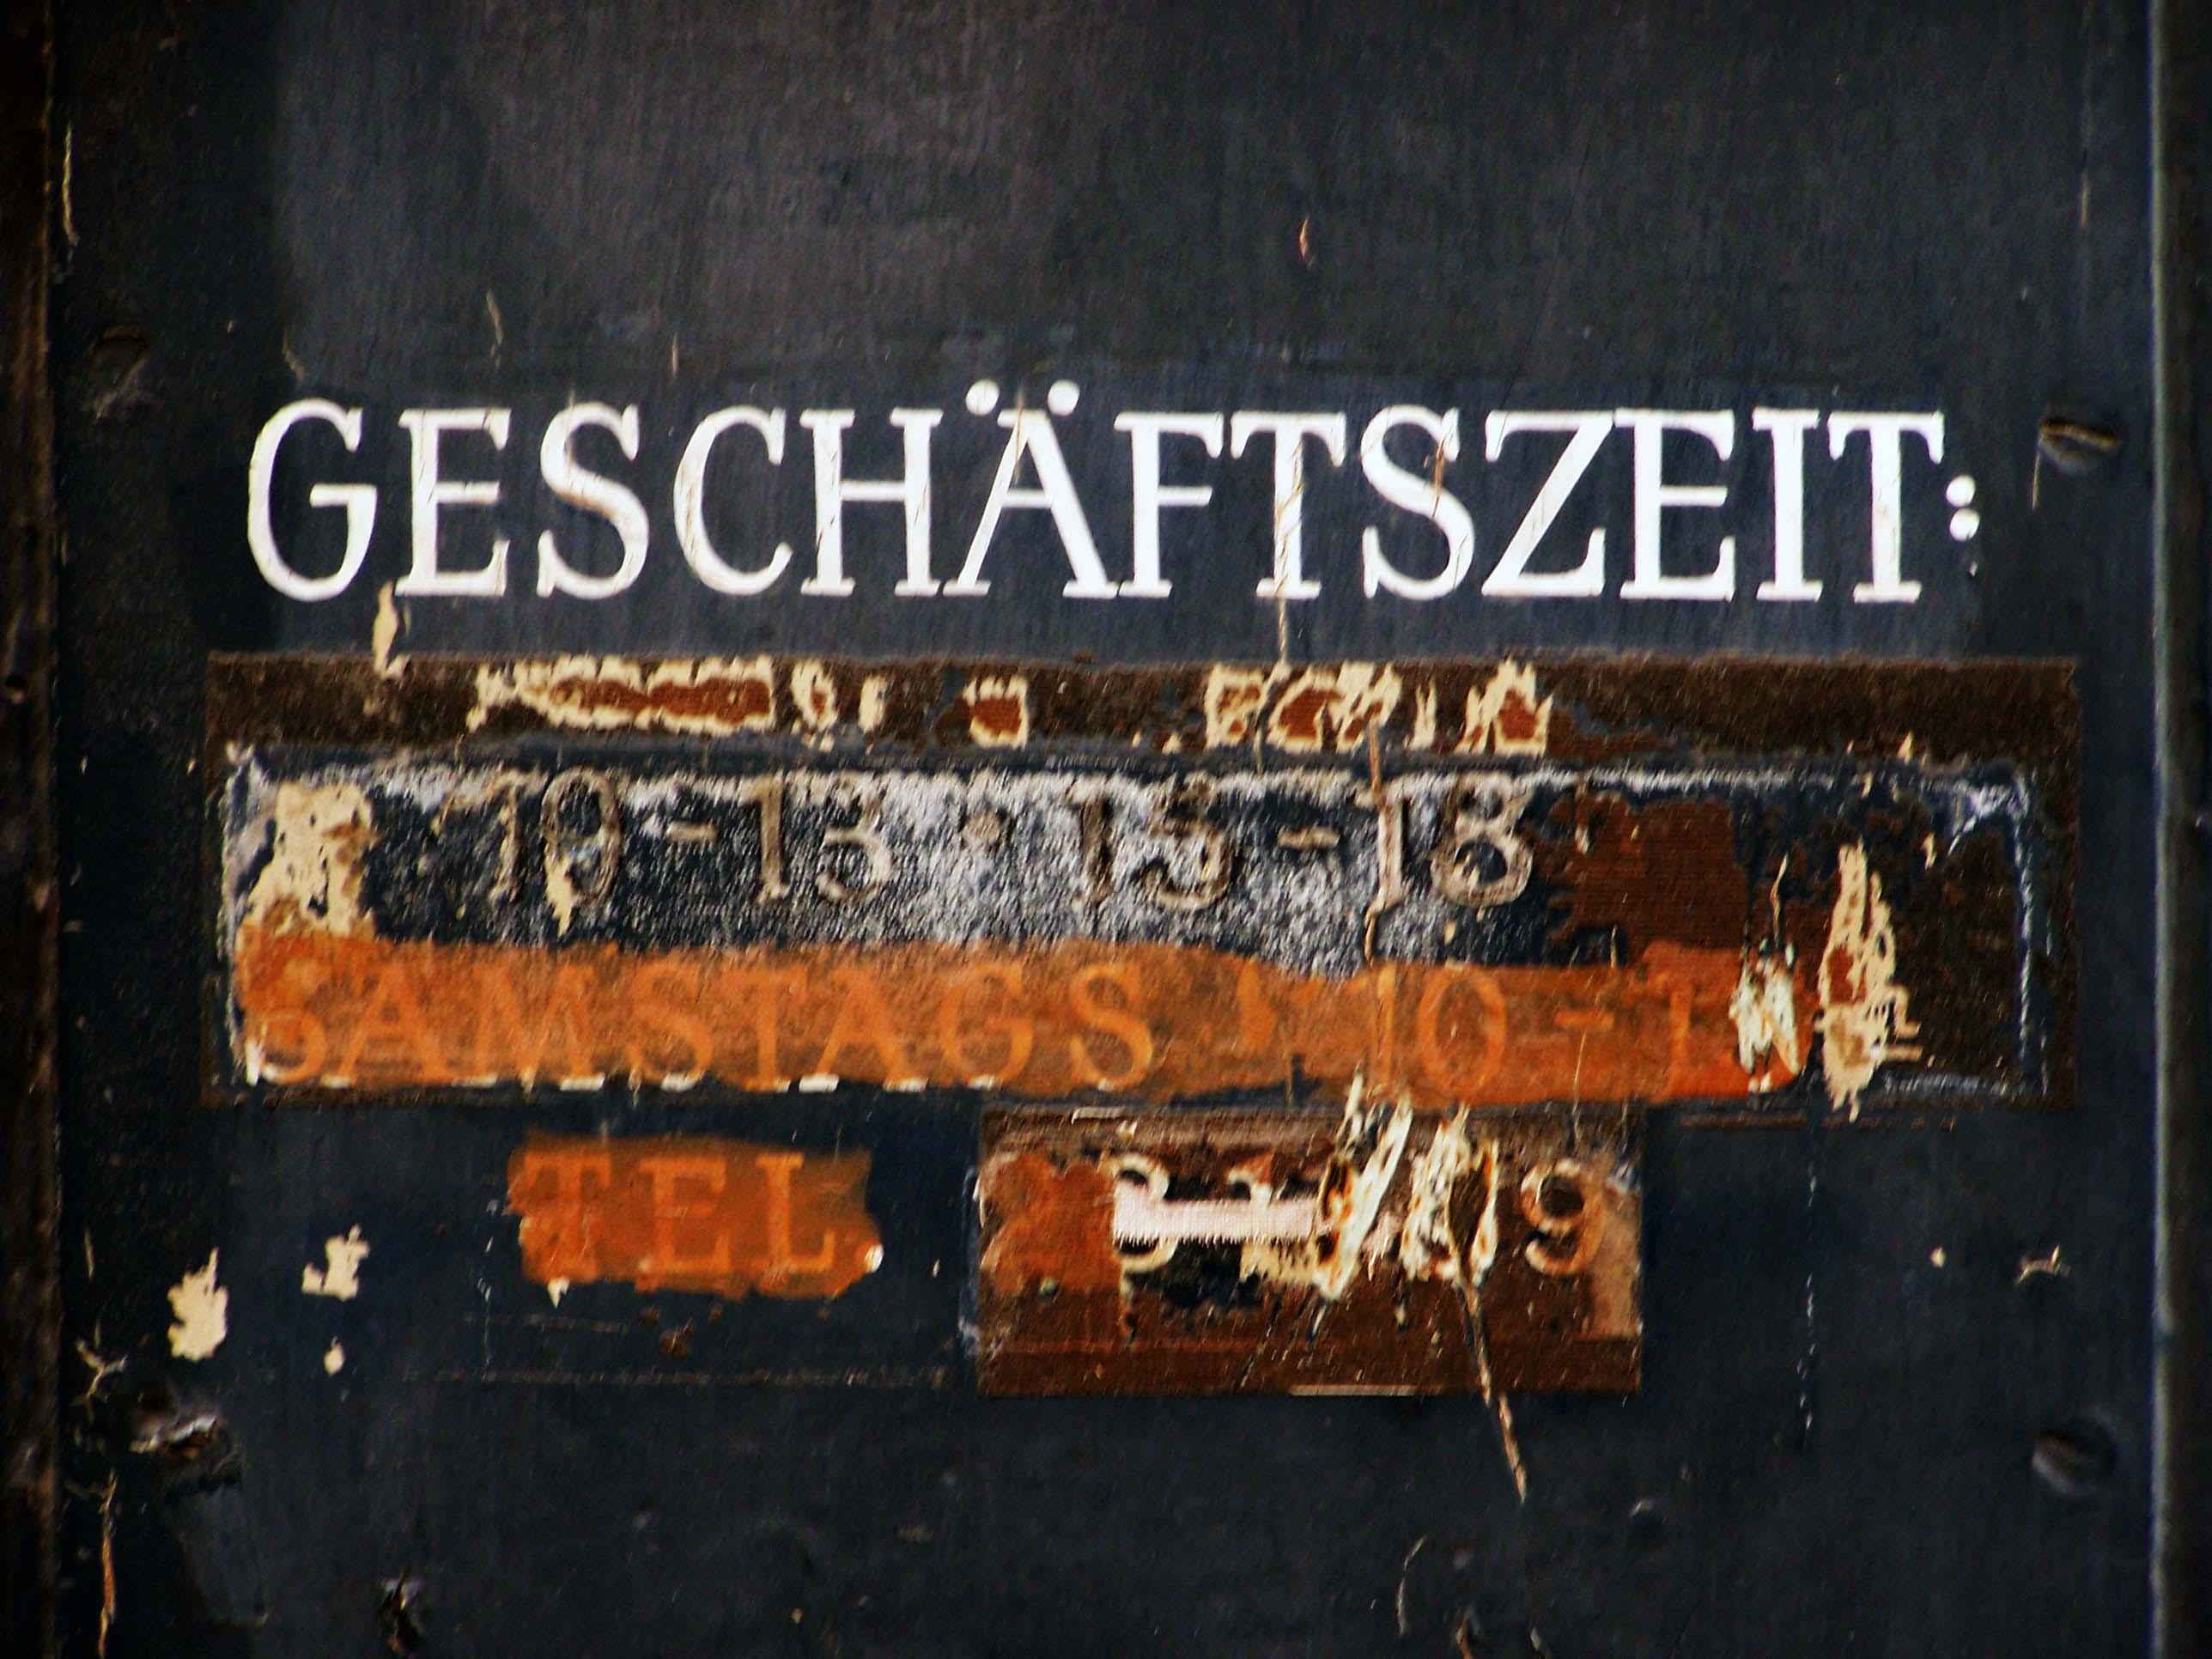 Türschild Geschäftszeit Antiquariat Hauser, Schellingstraße 17, München